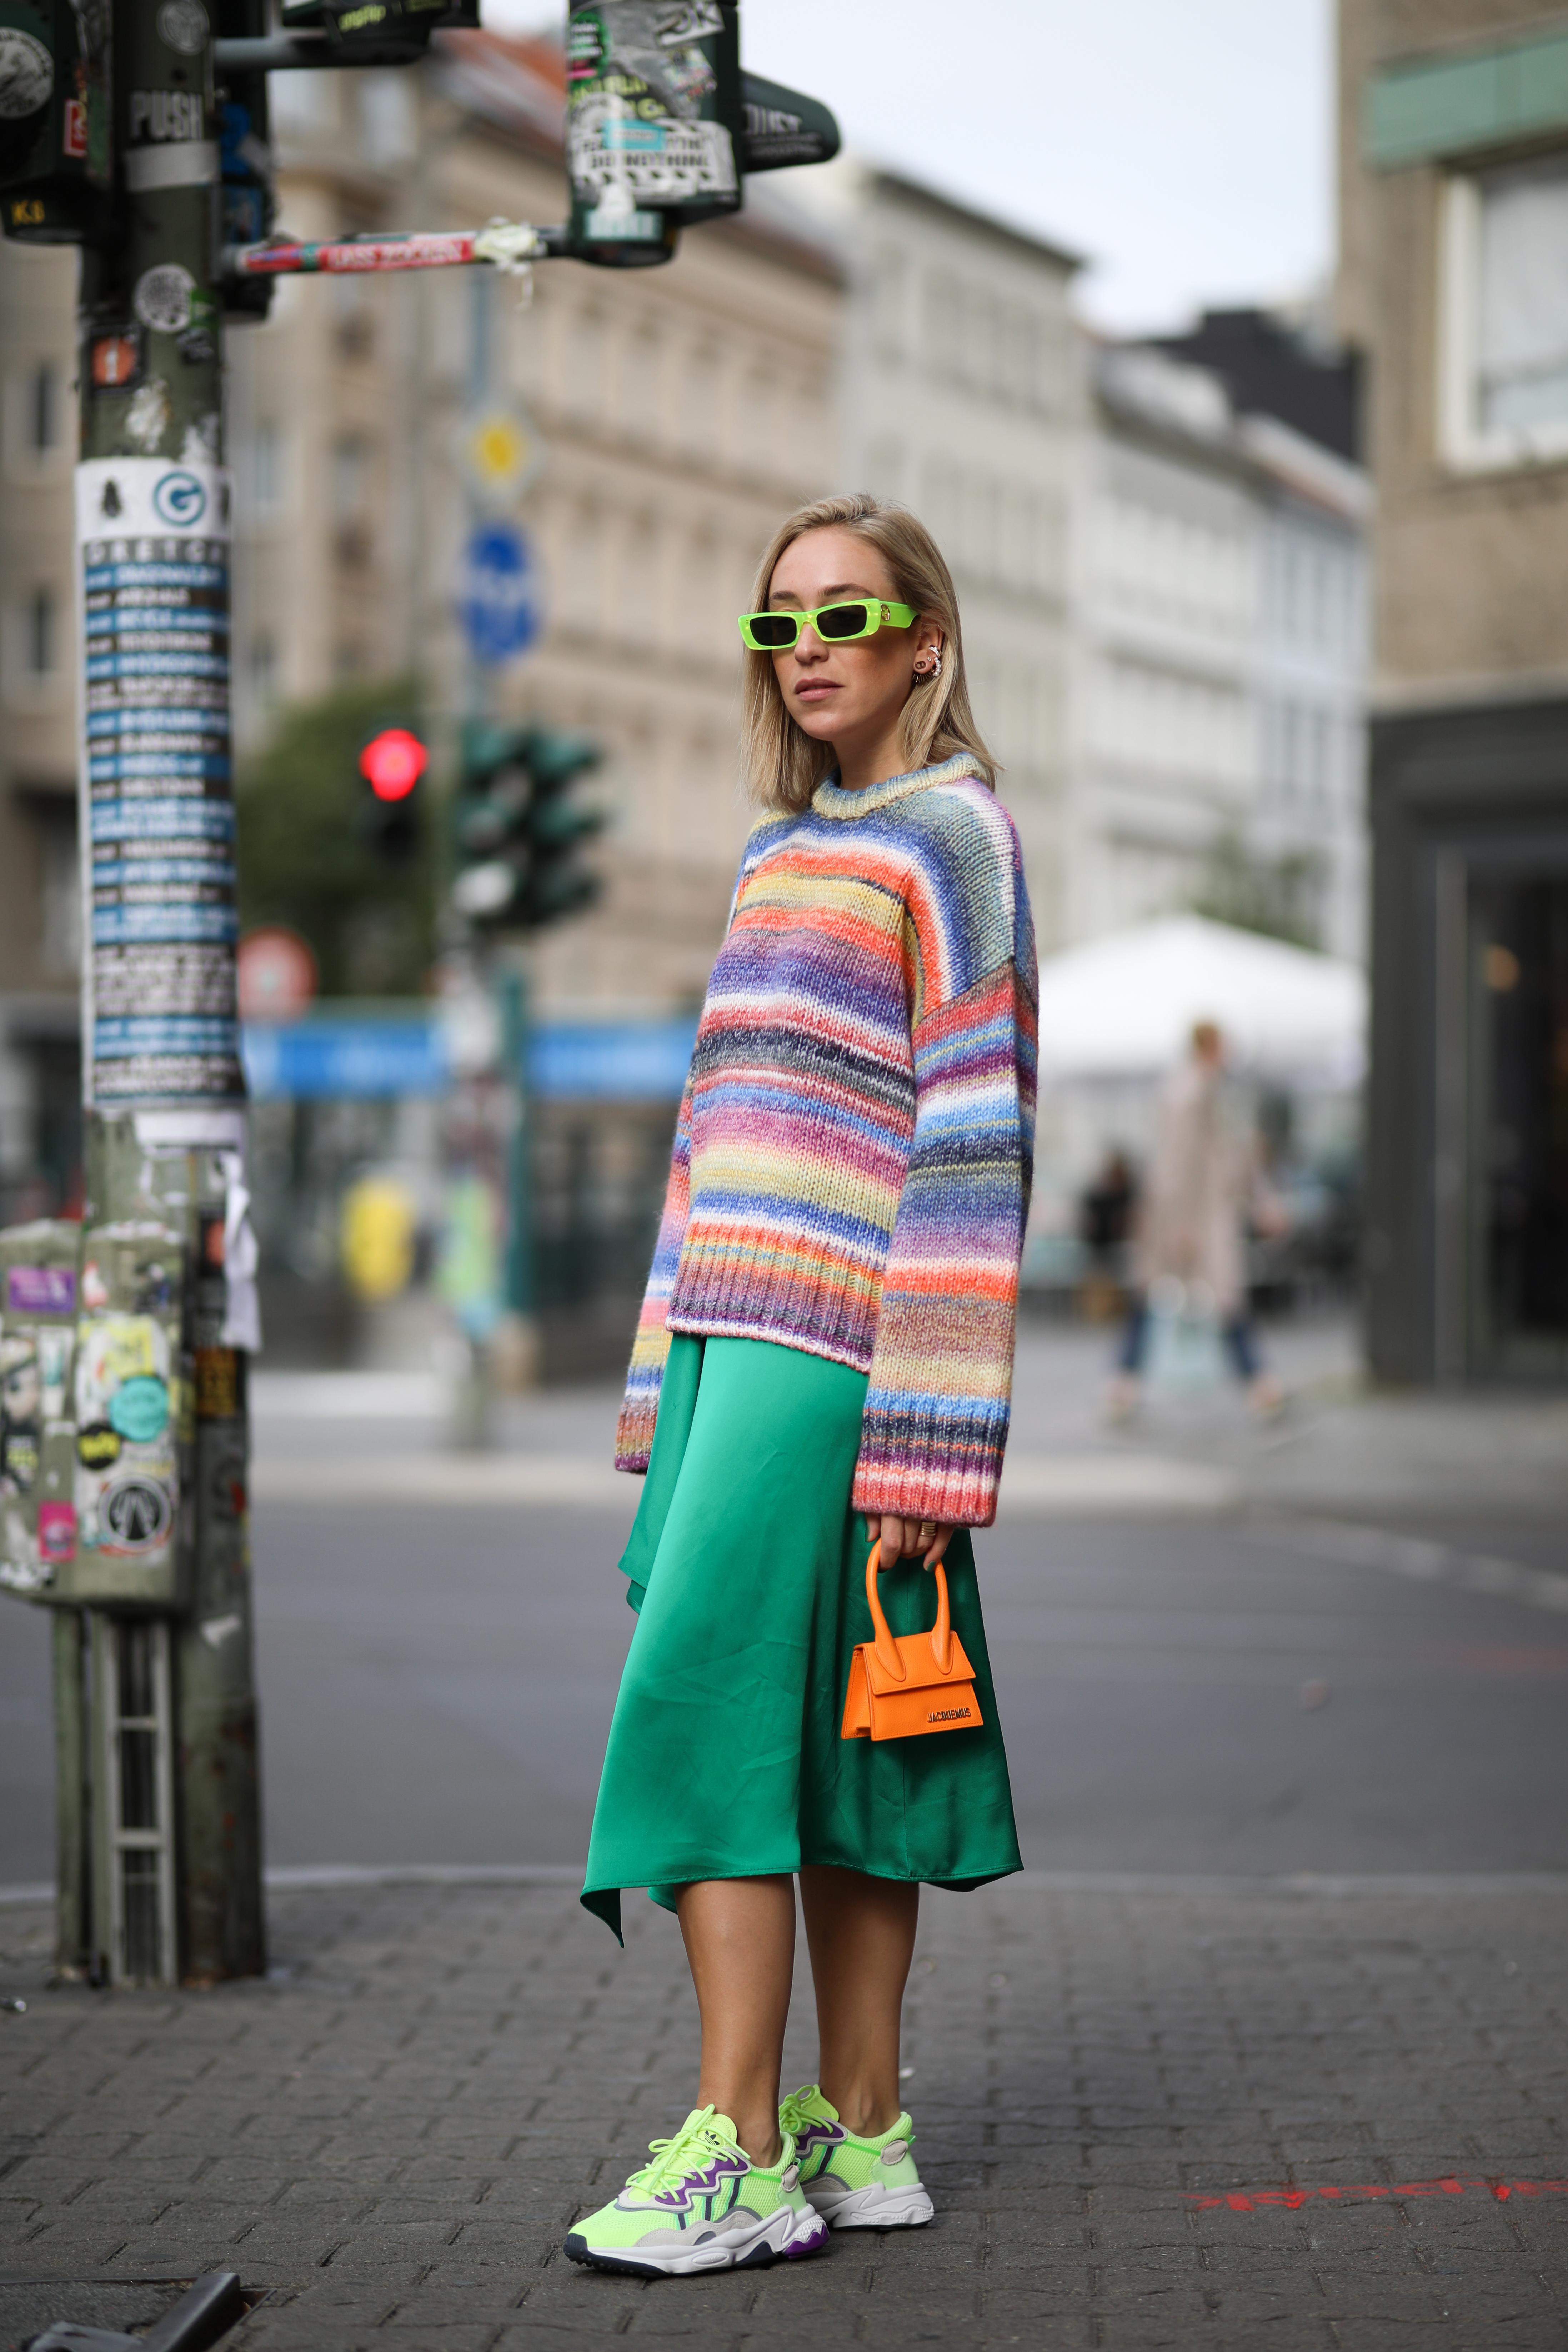 マルチカラーのボーダー柄ニットはラフな雰囲気がGOOD。フレアスカートと合わせてストリート感あるこなれたスタイルを完成させて。サングラスやスニーカーのネオンカラー使いもおしゃれ。